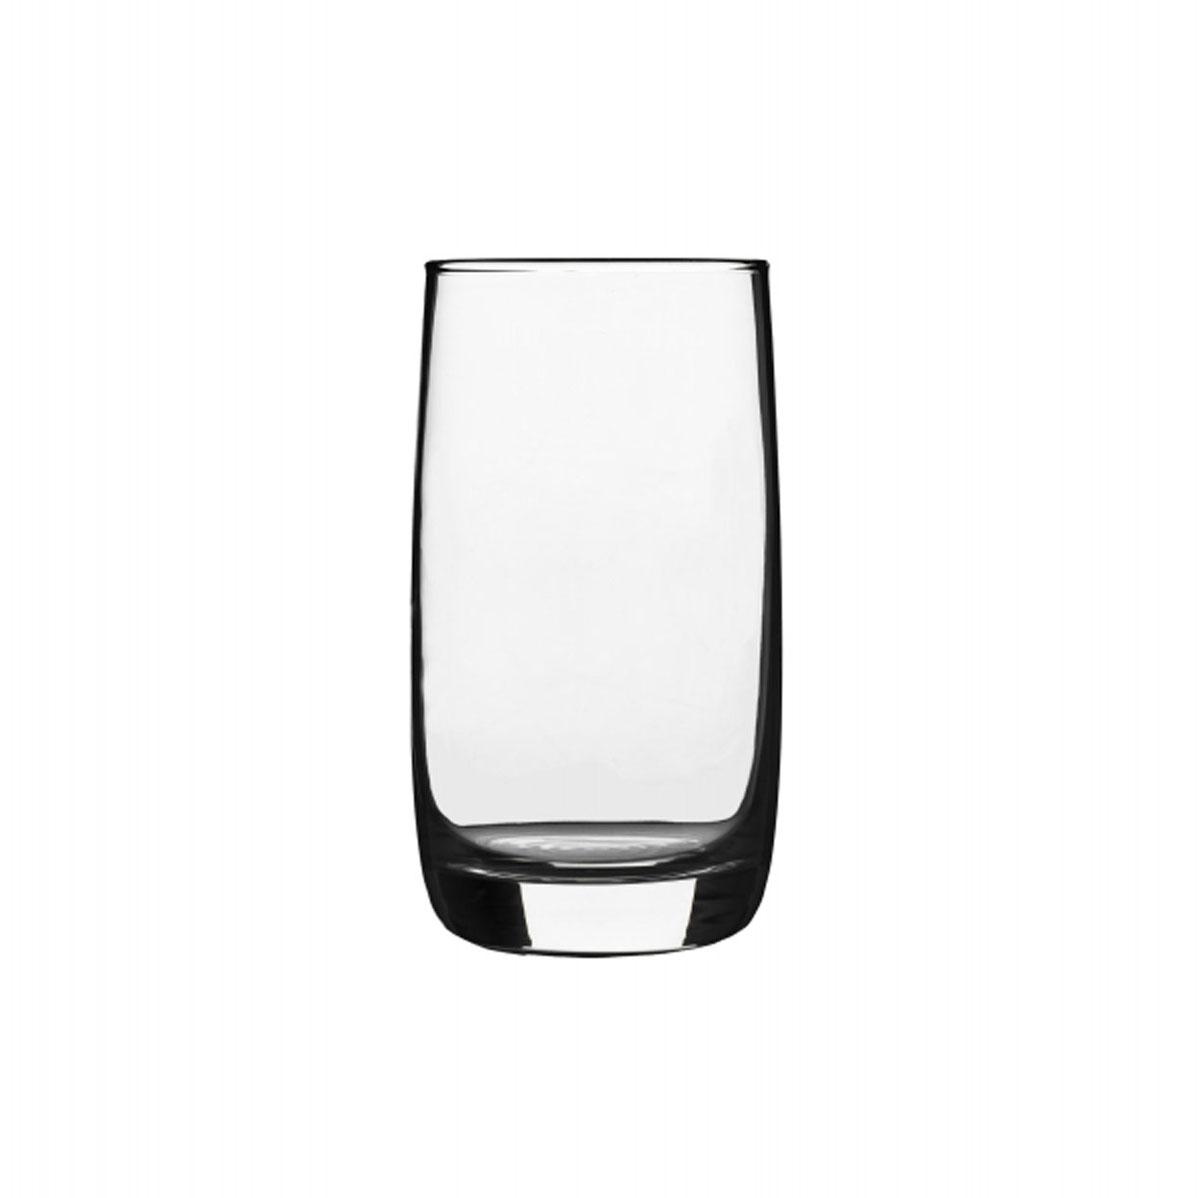 Набор стаканов Luminarc Французский ресторанчик, 330 мл, 6 штVT-1520(SR)Набор Luminarc Французский ресторанчик состоит из 6 высоких стаканов, выполненных из высококачественного стекла. Изделия подходят для сока, воды, лимонада и других напитков. Такой набор станет прекрасным дополнением сервировки стола, подойдет для ежедневного использования и для торжественных случаев. Можно мыть в посудомоечной машине.Объем стакана: 330 мл.Диаметр стакана: 6,4 см.Высота стакана: 12,5 см.